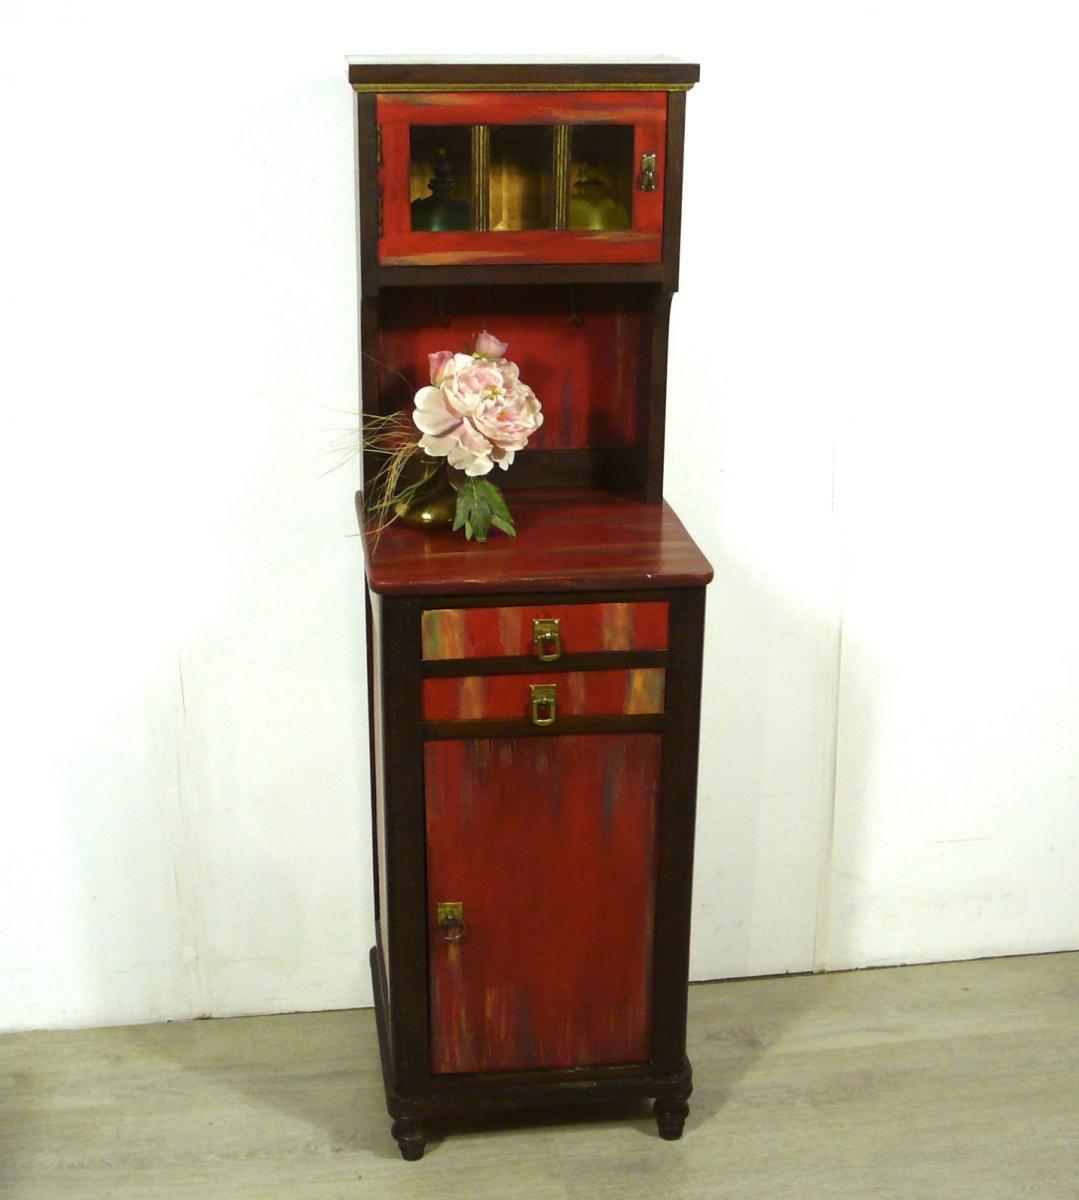 Flurschrank Konsolentisch Nachttisch mit Aufsatz Kommode shabby rot + Nußbaum dunkel handbemalt Gründerzeit um 1890 1